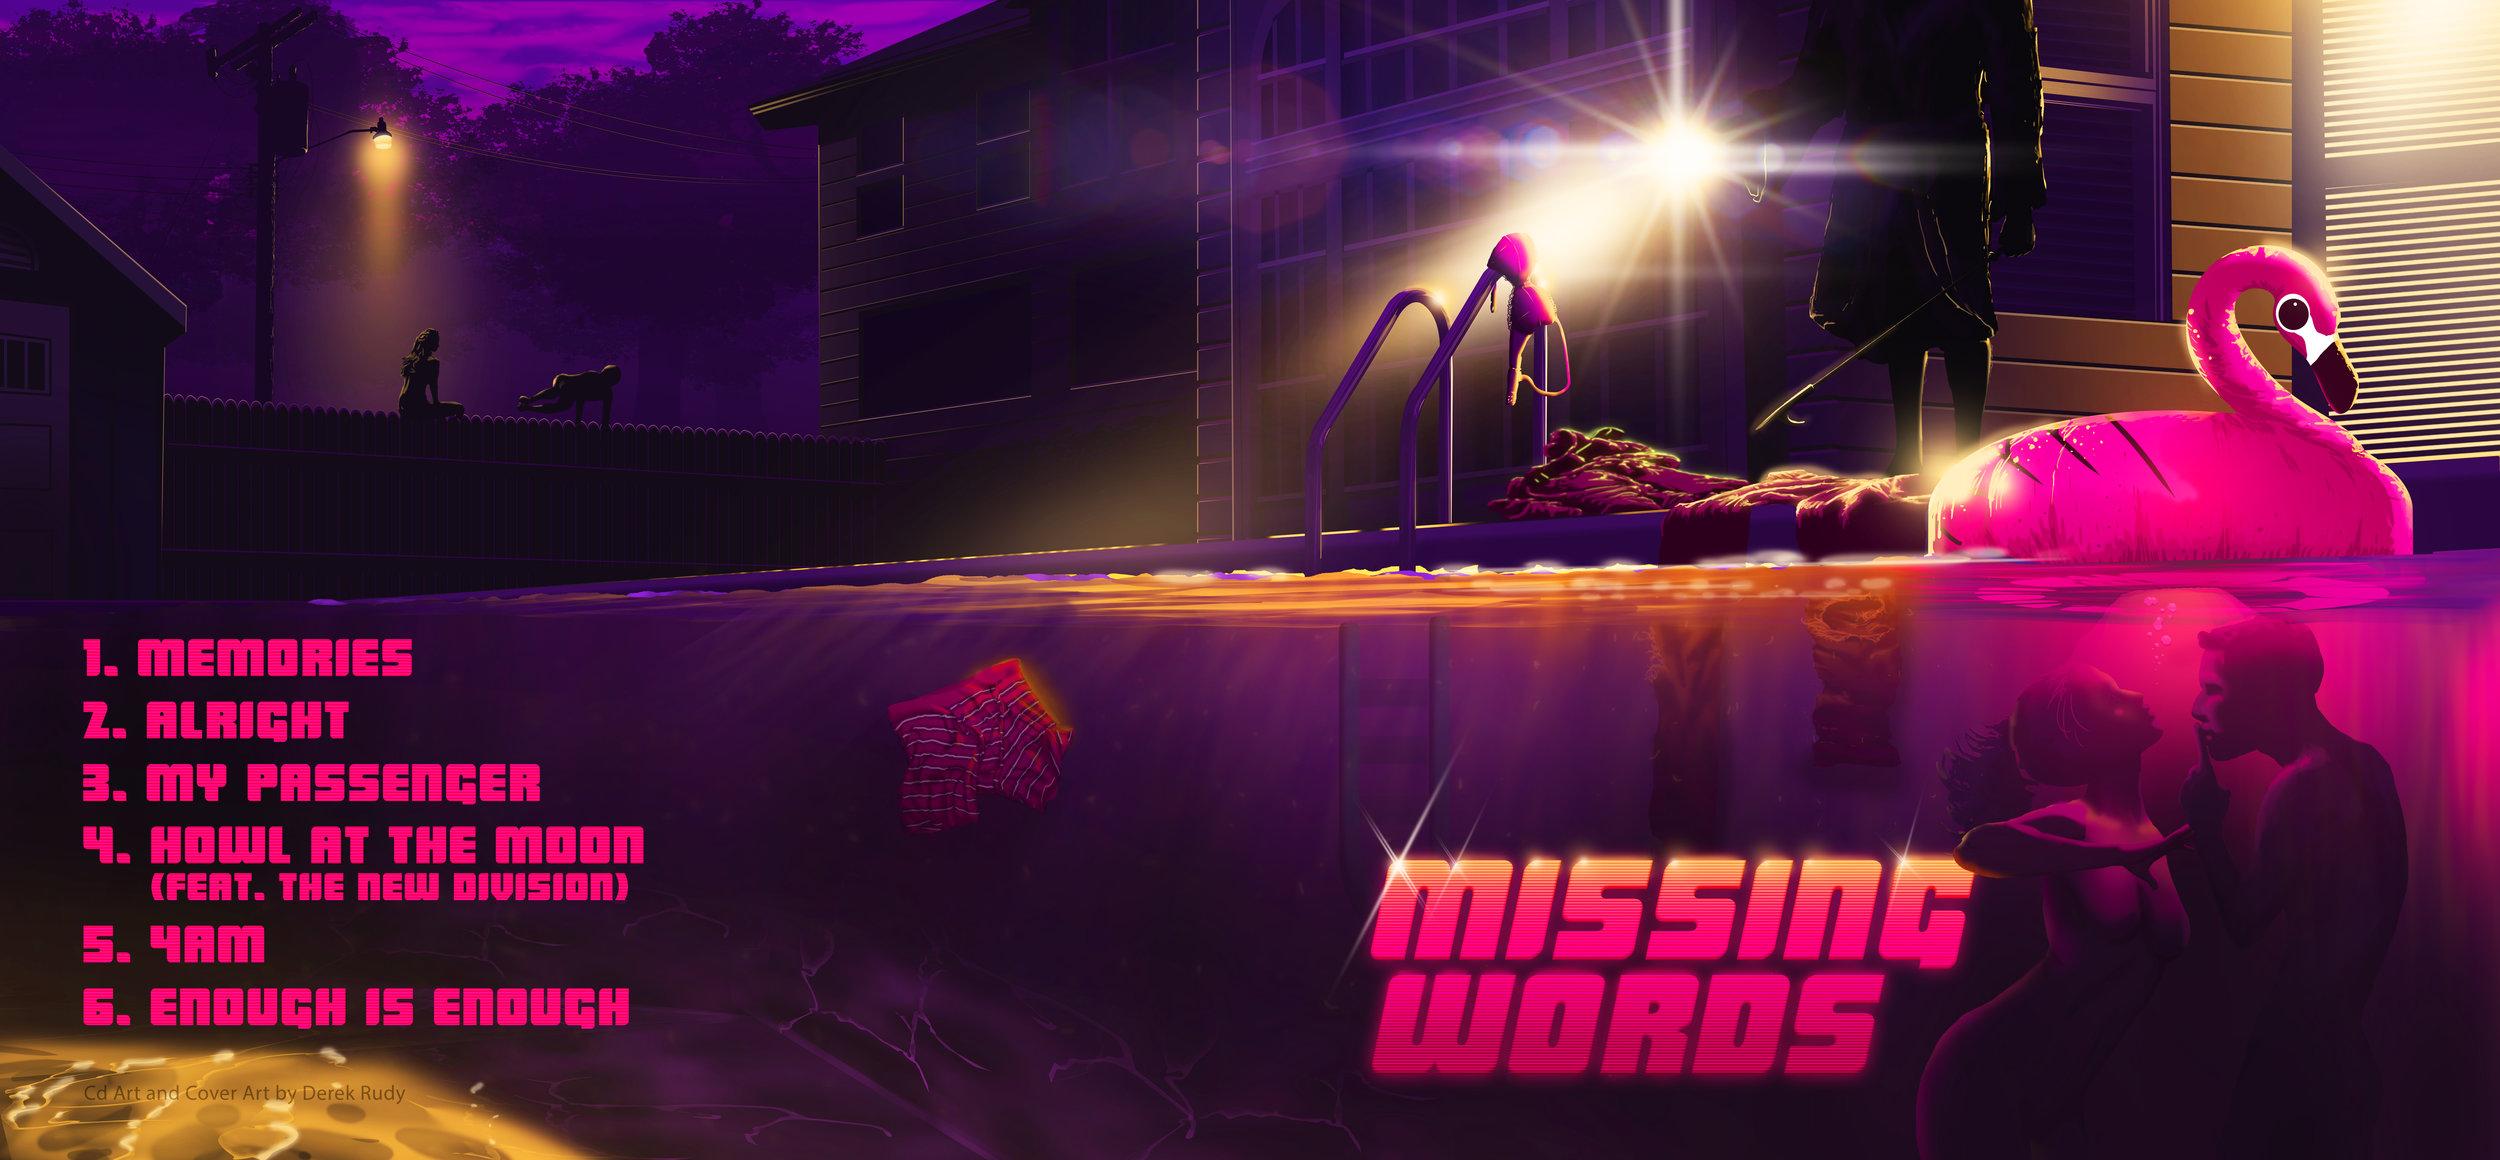 MissingWords_B_Final_WithTracks_WebUse.jpg